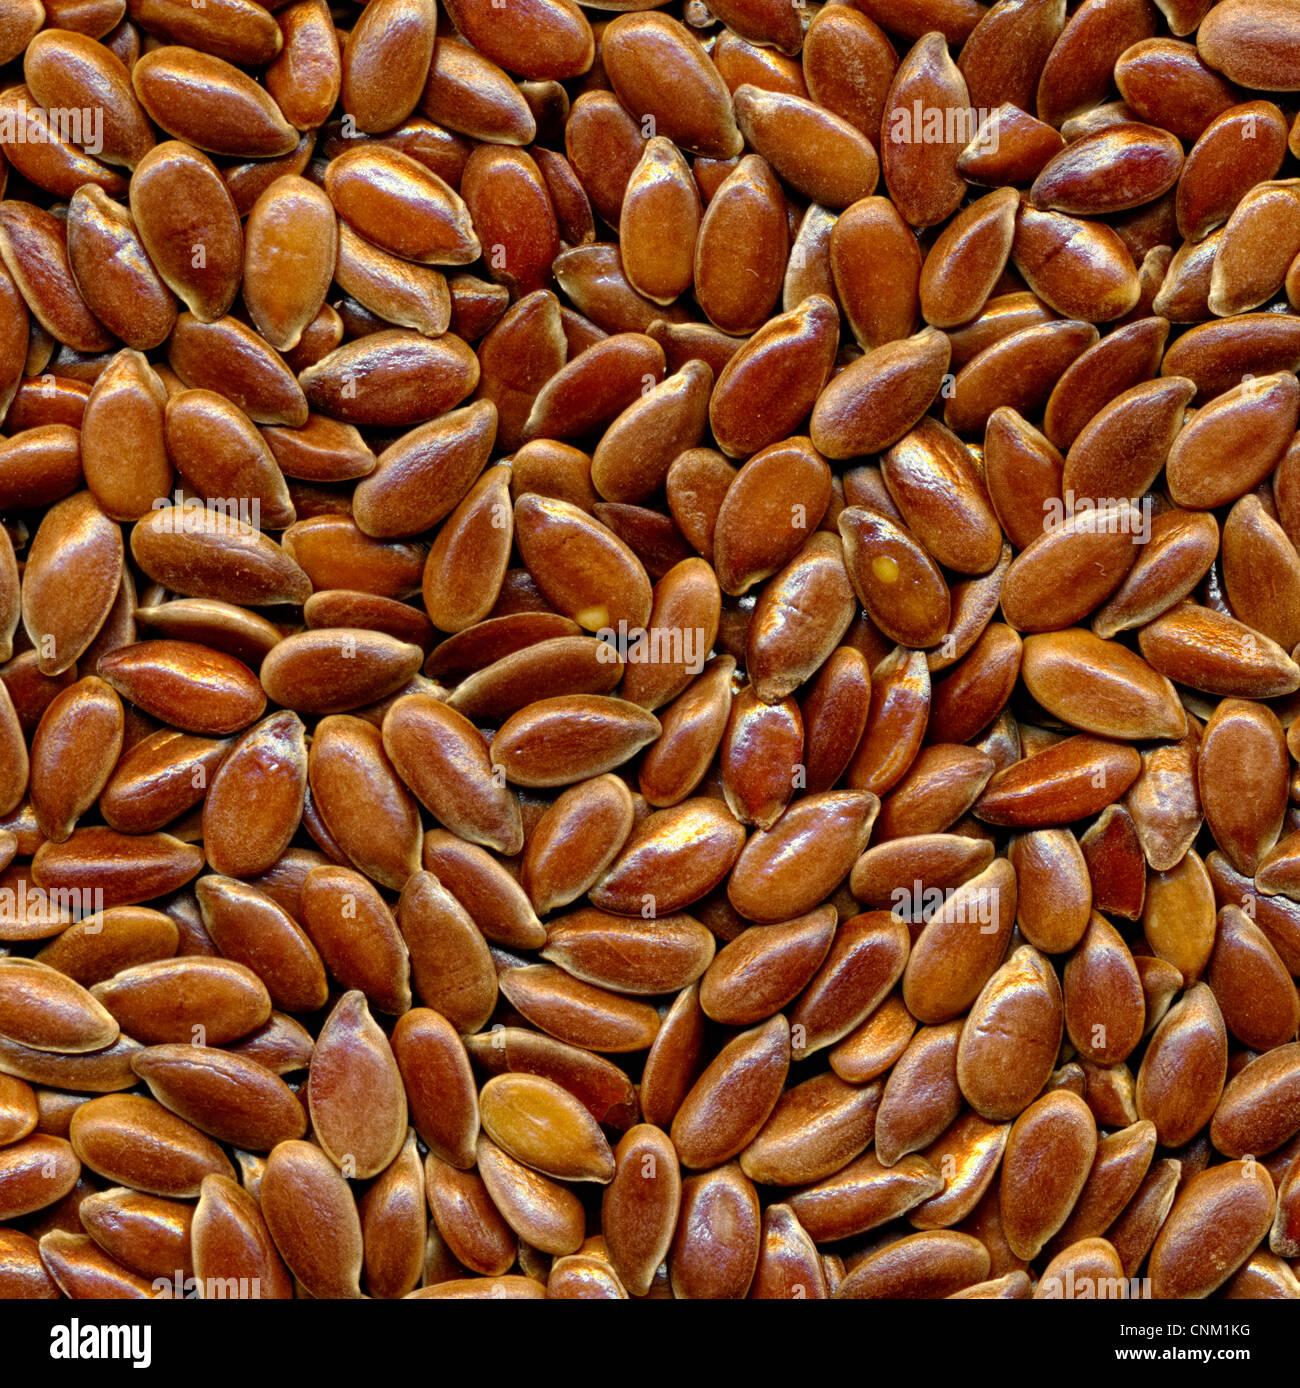 Brown flax seed, Leinsaat, brauner Leinsamen, Samen des Flachses (Gemeiner Lein, Linum usitatissimum) - Stock Image